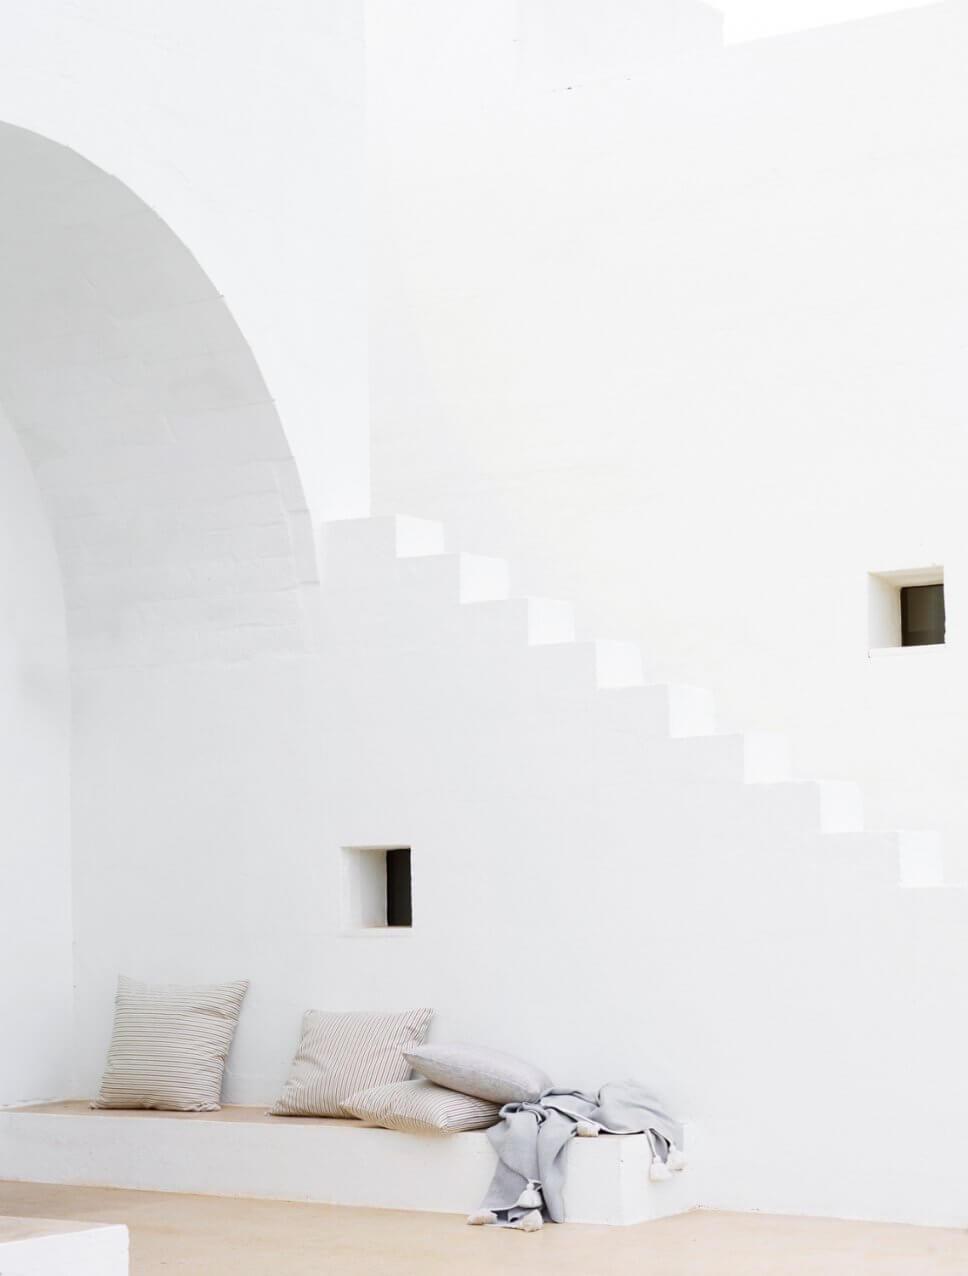 Mediterranes, weißes Haus mit Kissen auf einer Sitzbank